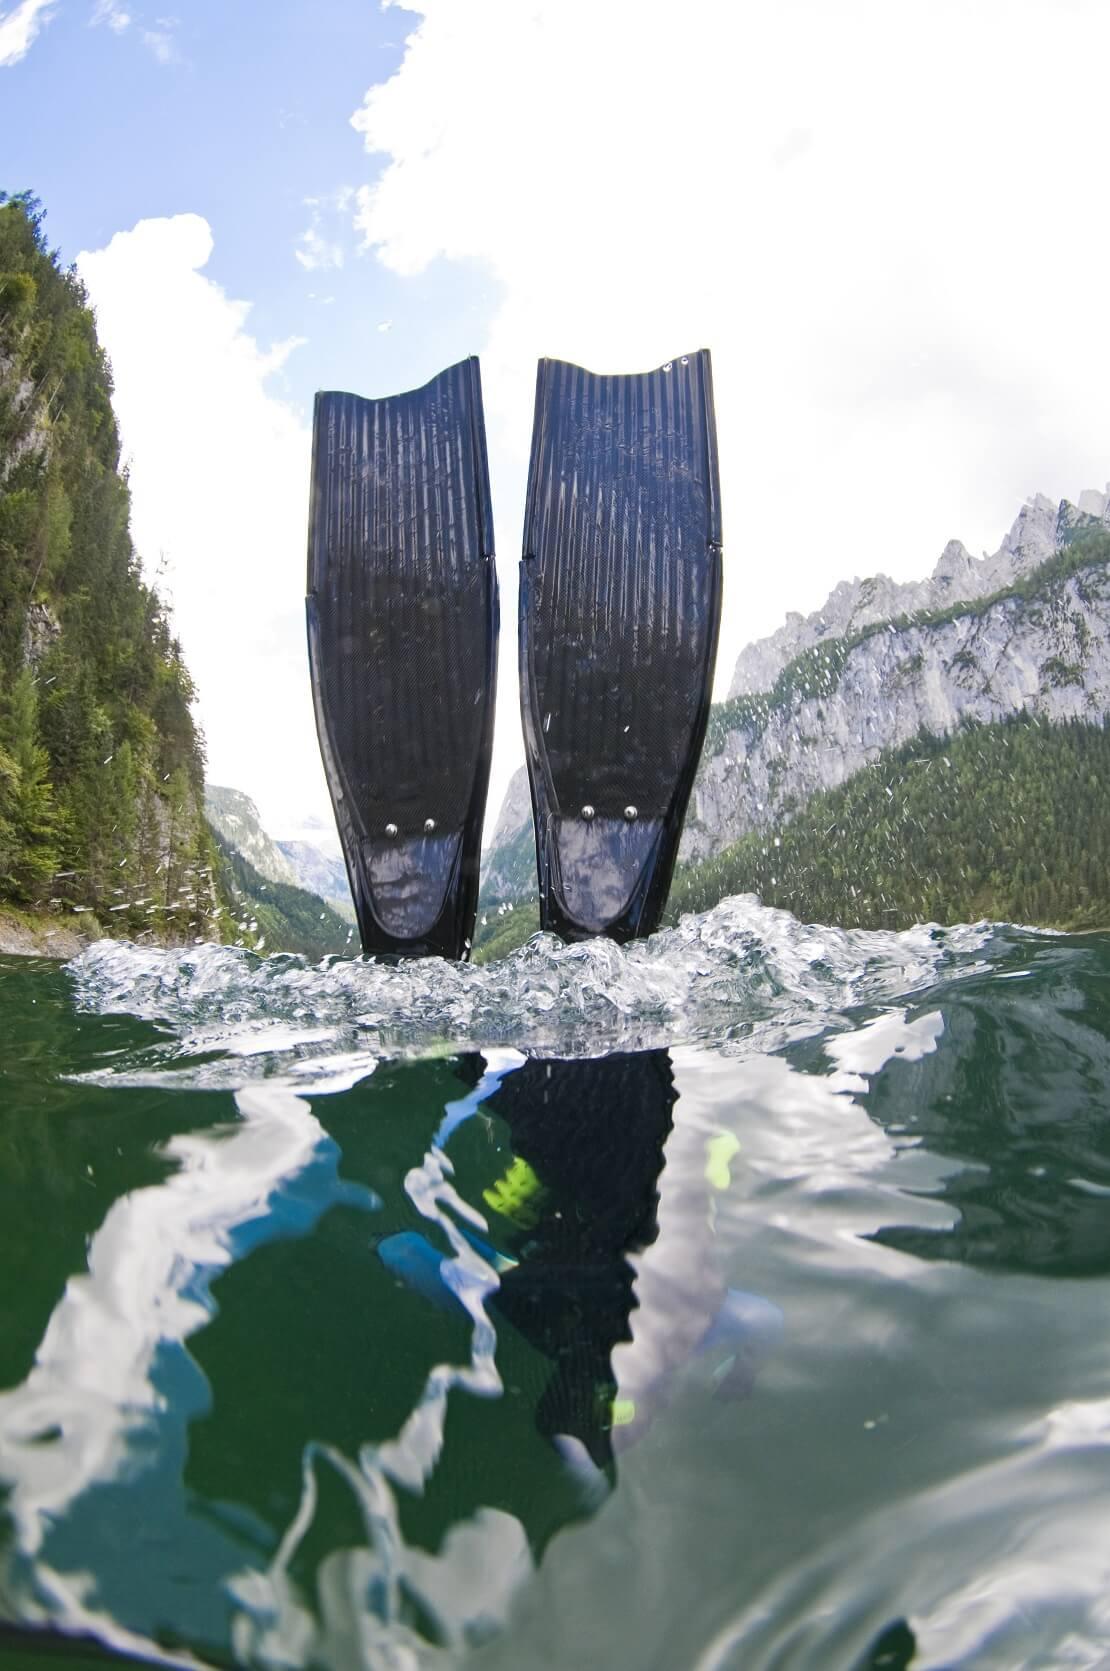 Apnoeflossen im Wasser im Hintergrund sind Berge zu sehen